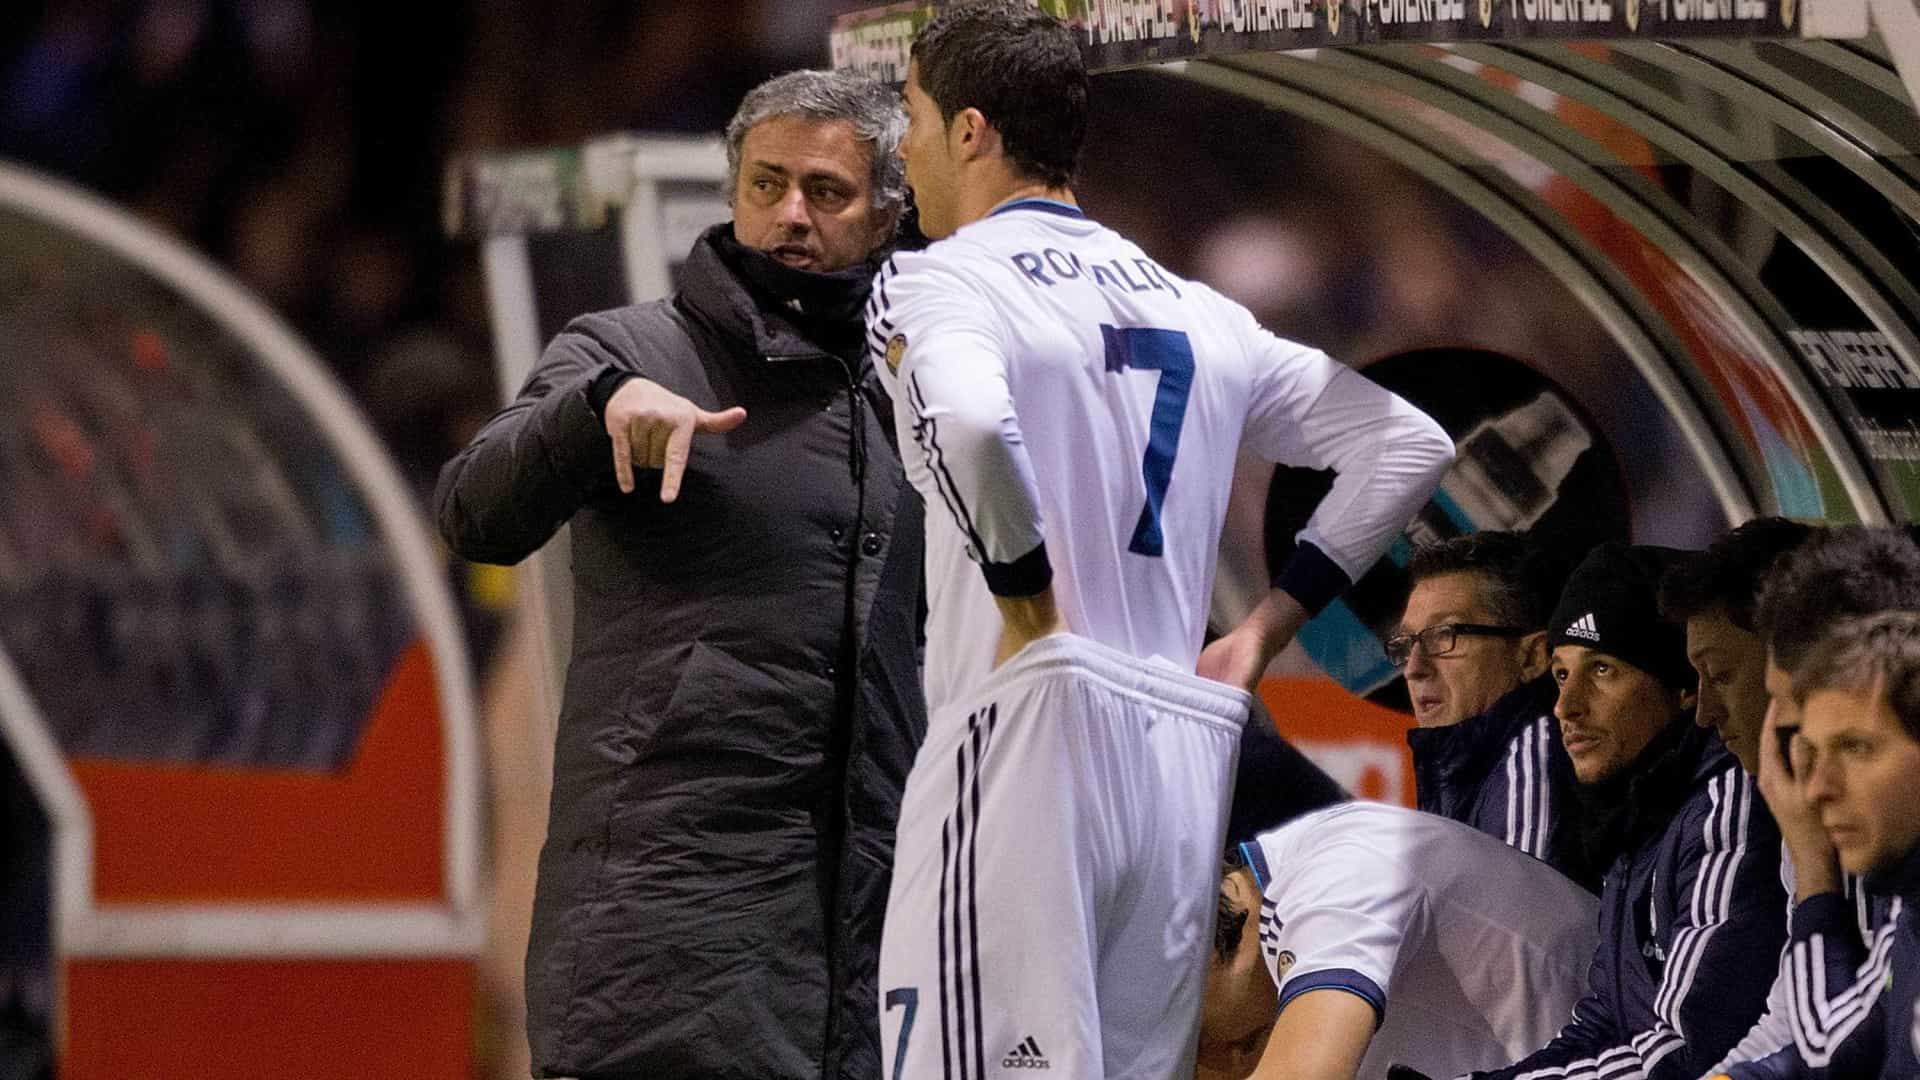 Evra sai em defesa de Mourinho: